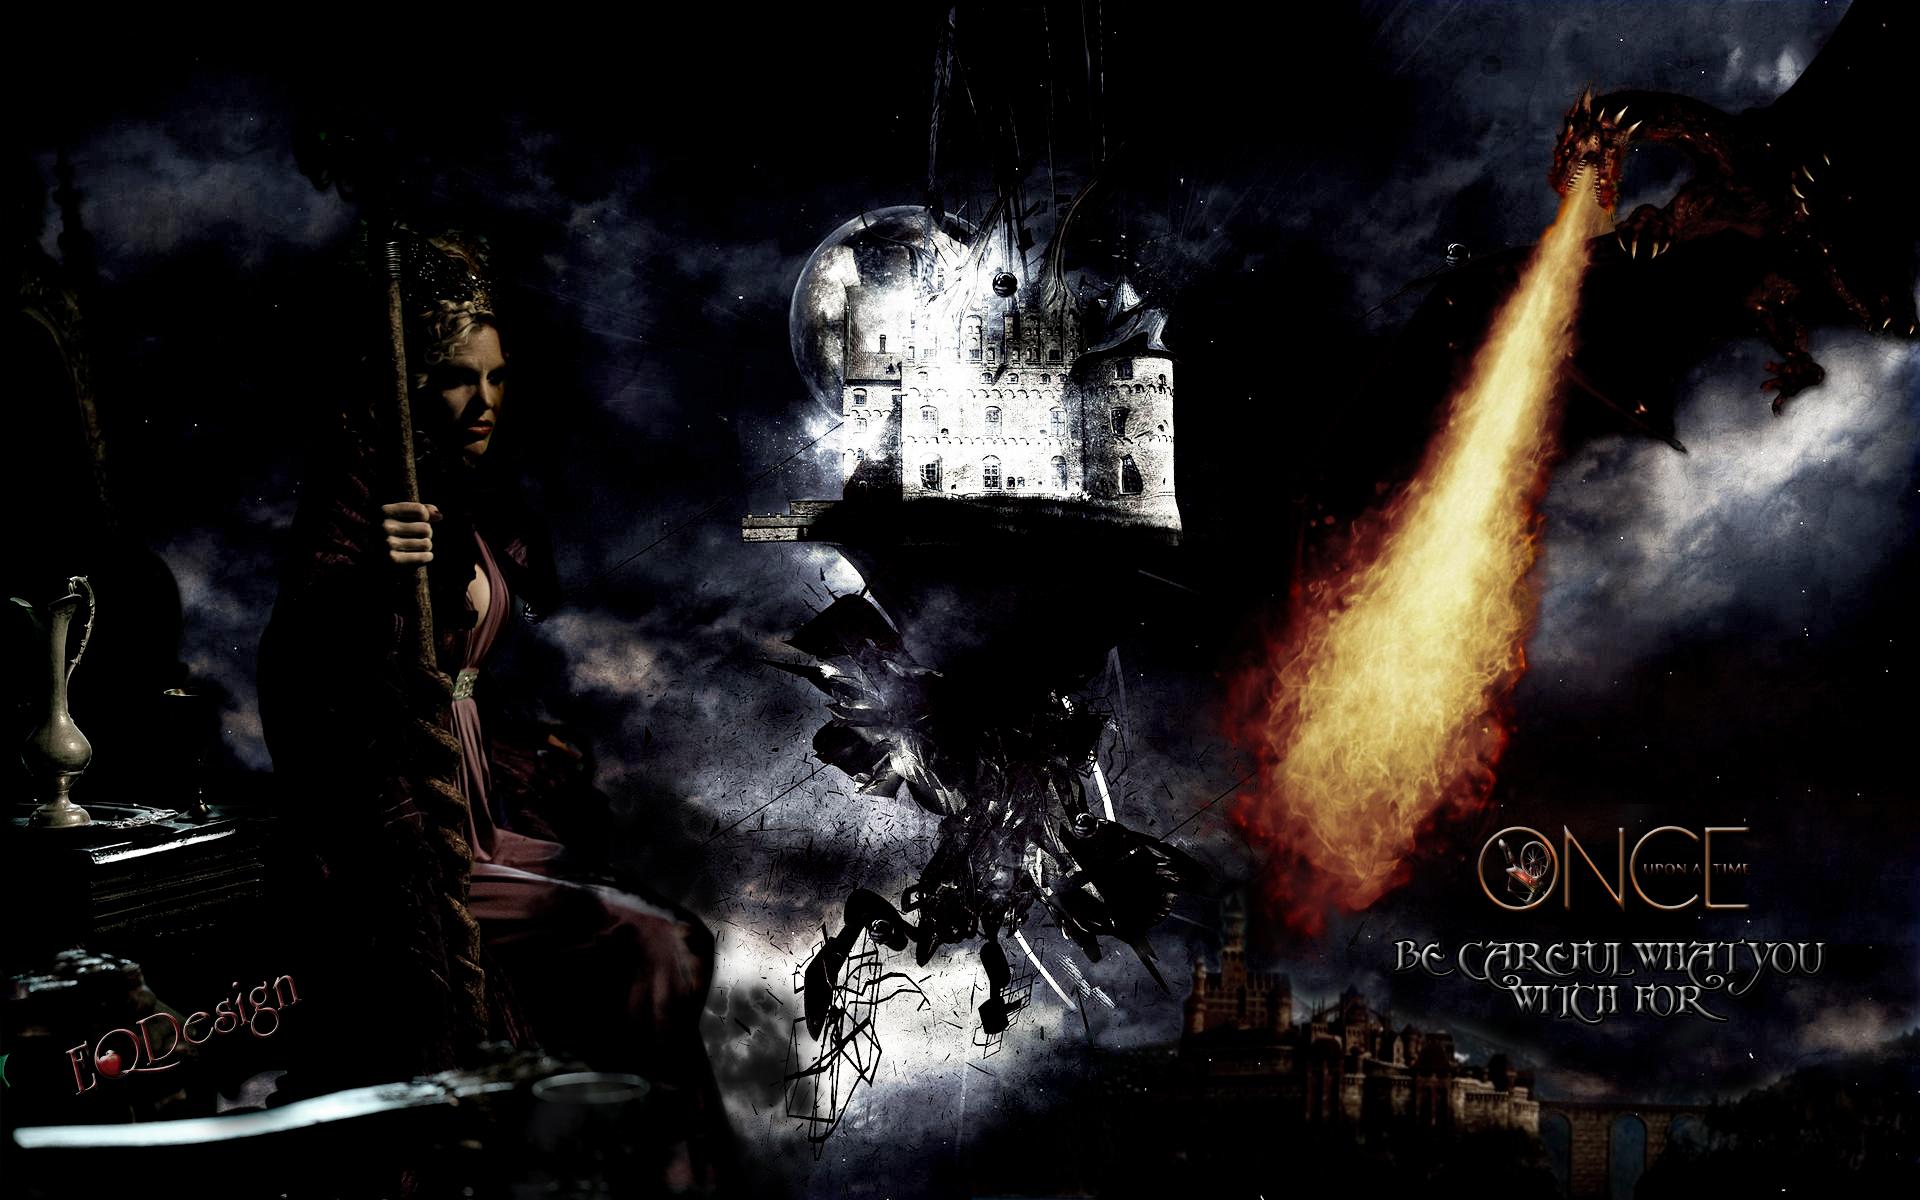 Kristin Bauer Van Straten Maleficent Wallpaper by eqdesign on